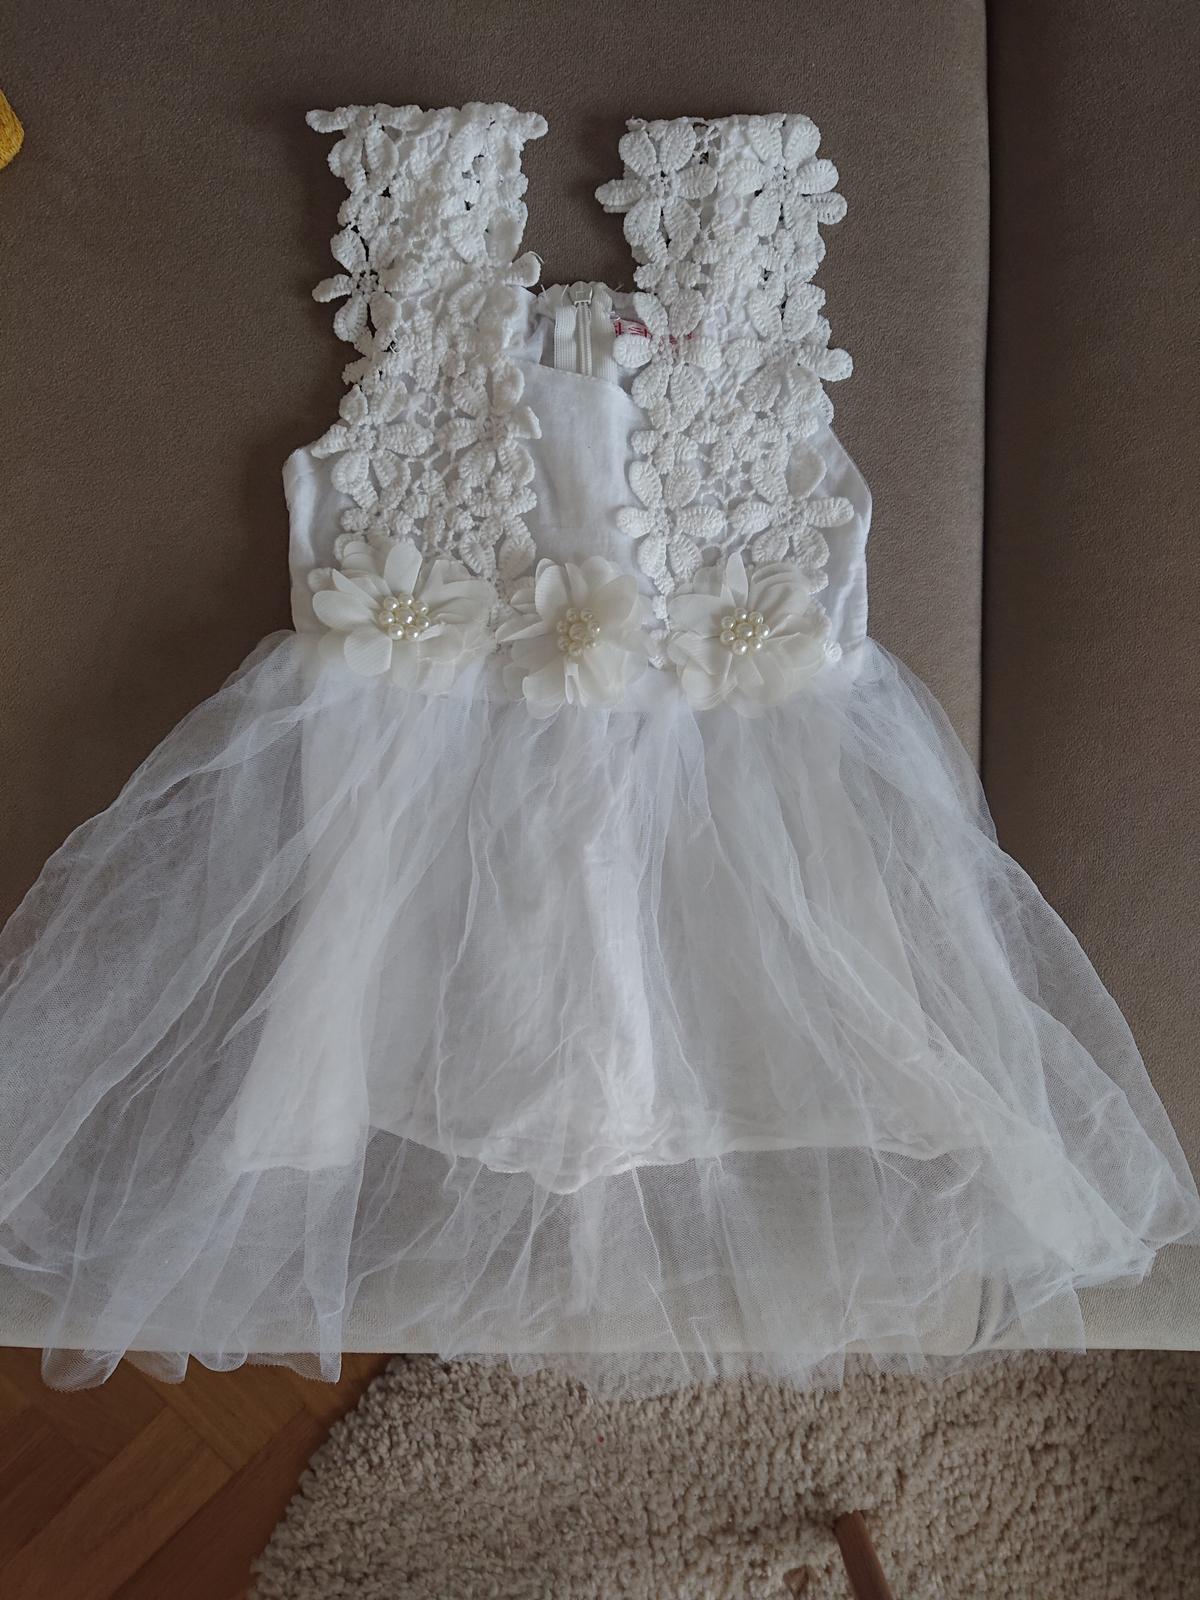 Dětské svatební šaty (vel. 92) - Obrázek č. 1